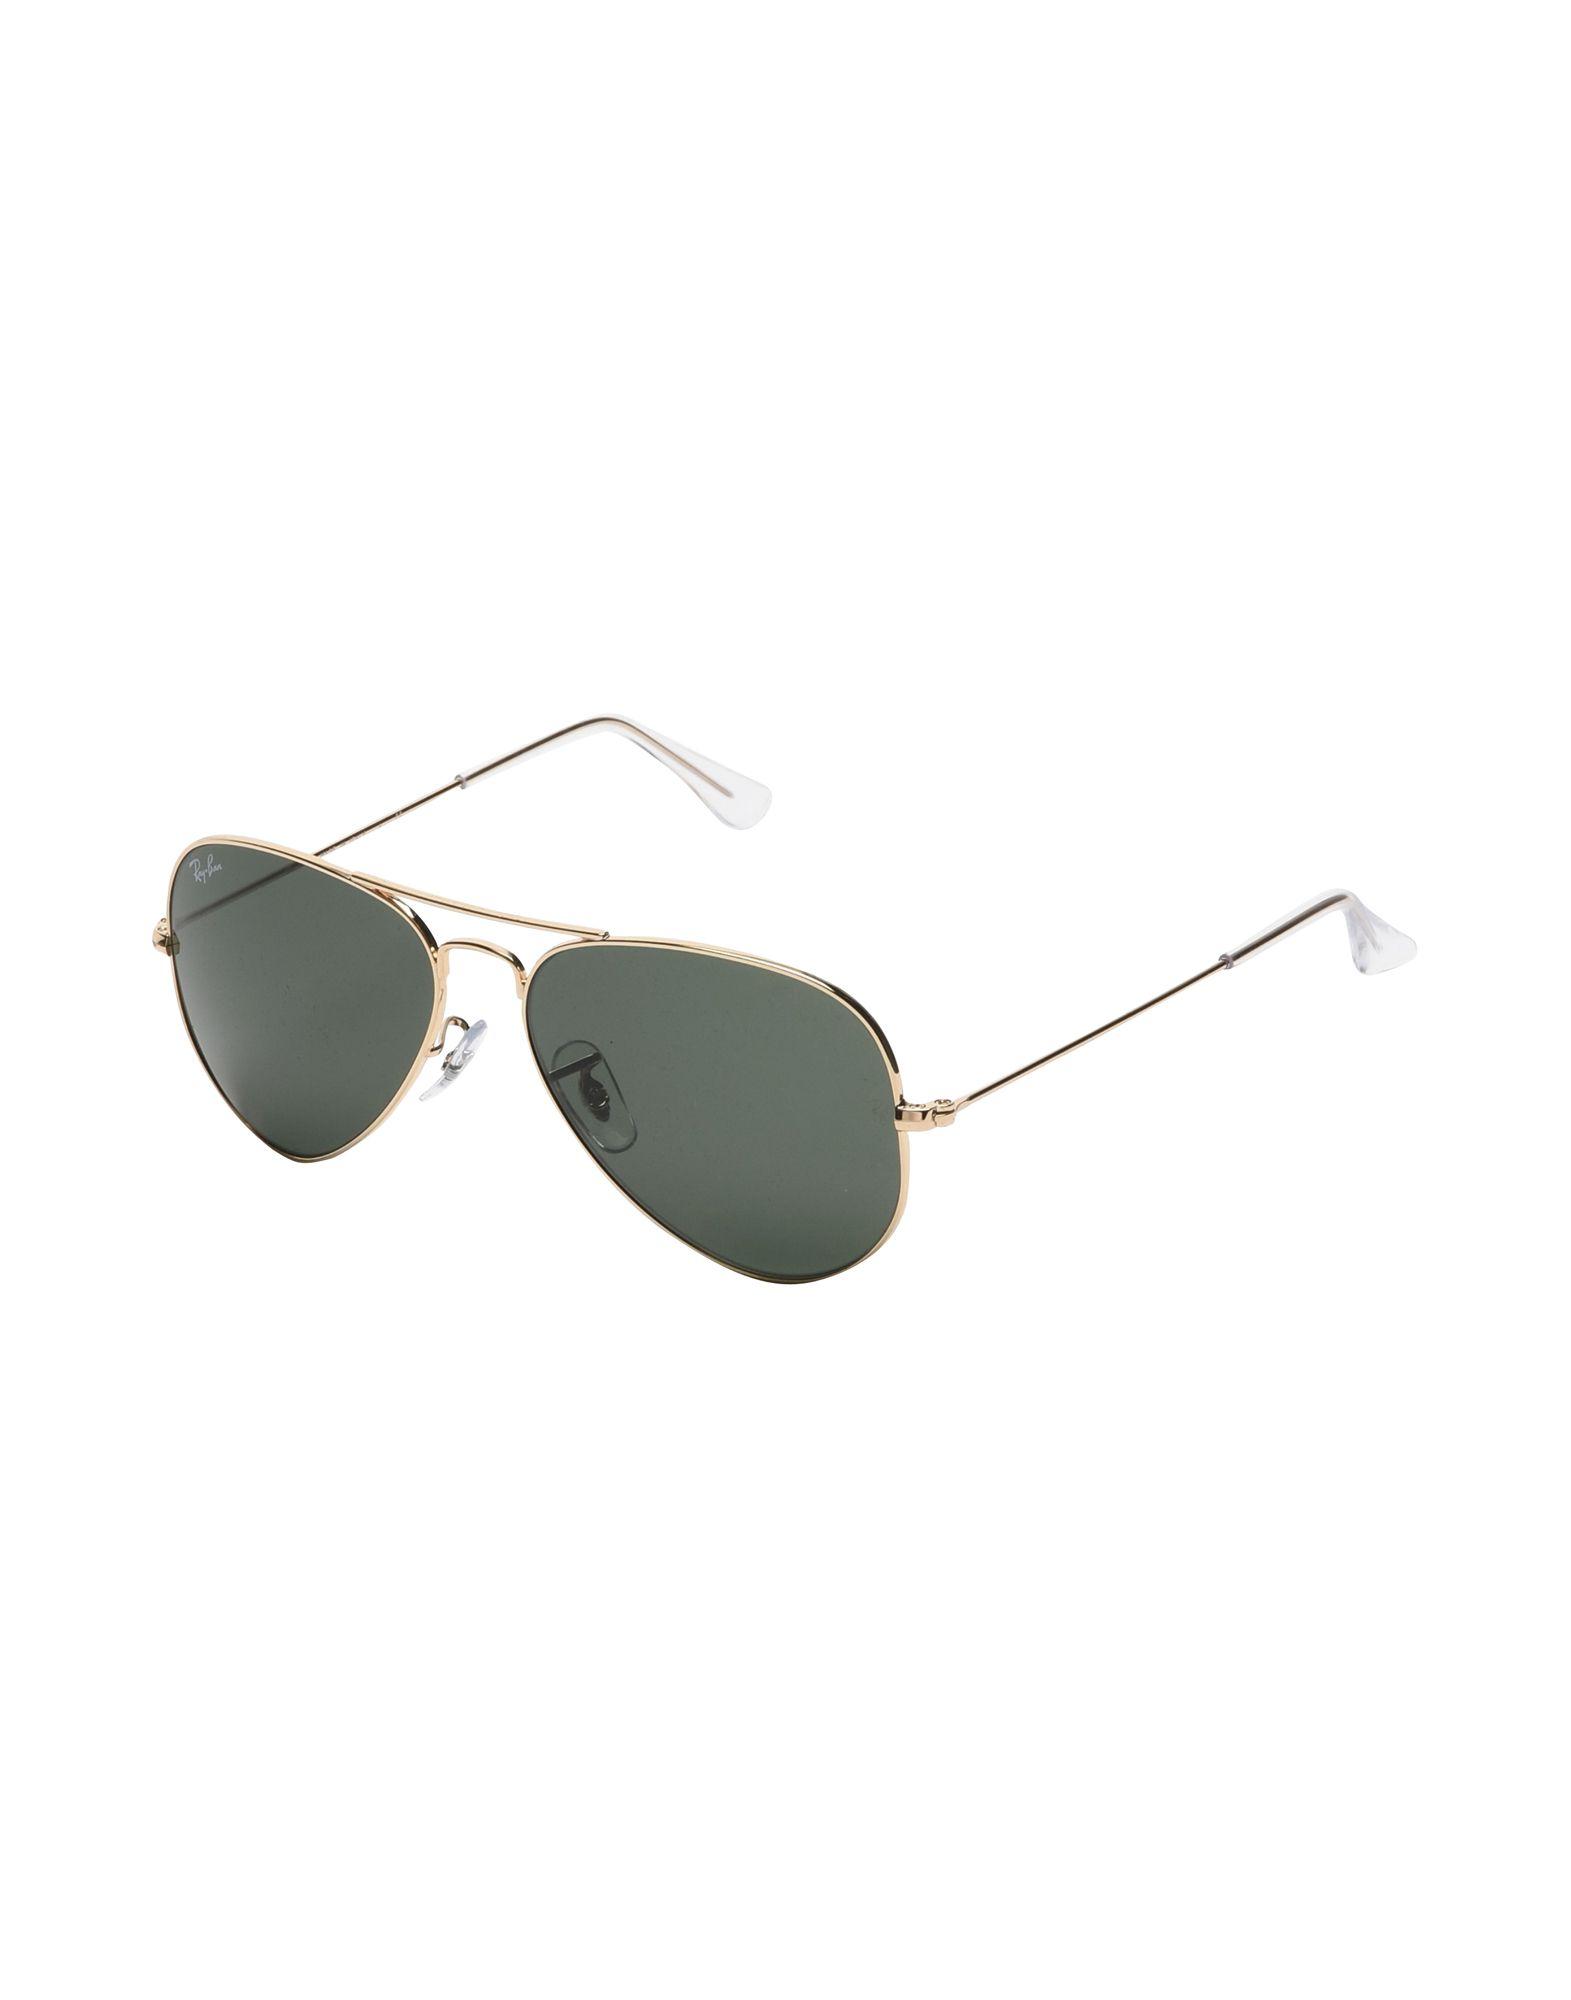 RAY-BAN Солнечные очки очки лектор